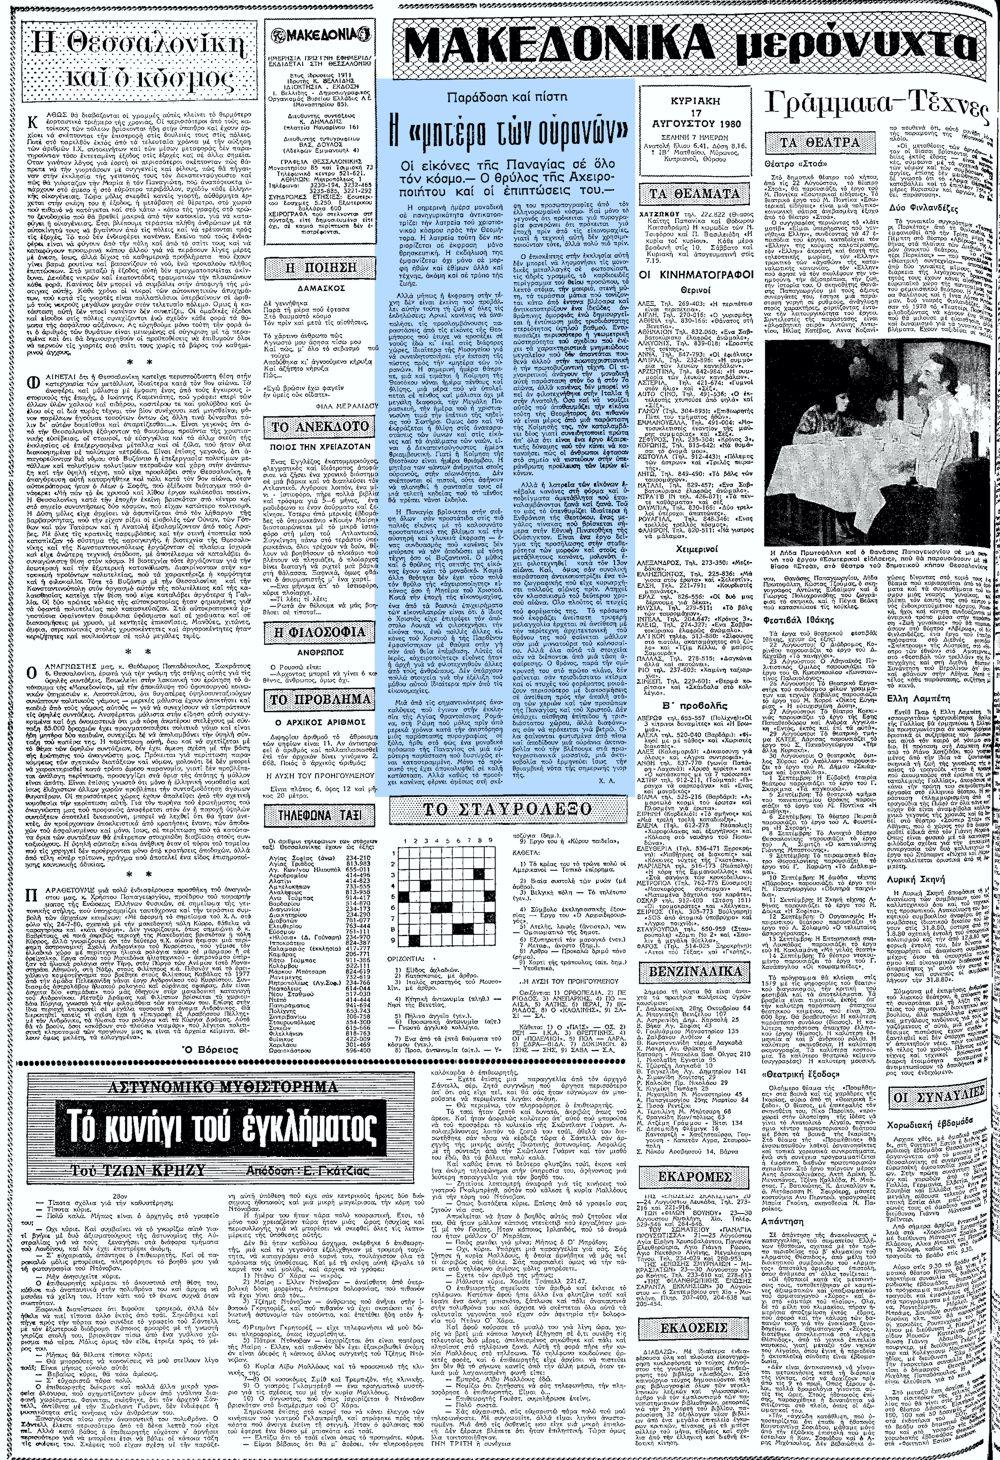 """Το άρθρο, όπως δημοσιεύθηκε στην εφημερίδα """"ΜΑΚΕΔΟΝΙΑ"""", στις 17/08/1980"""